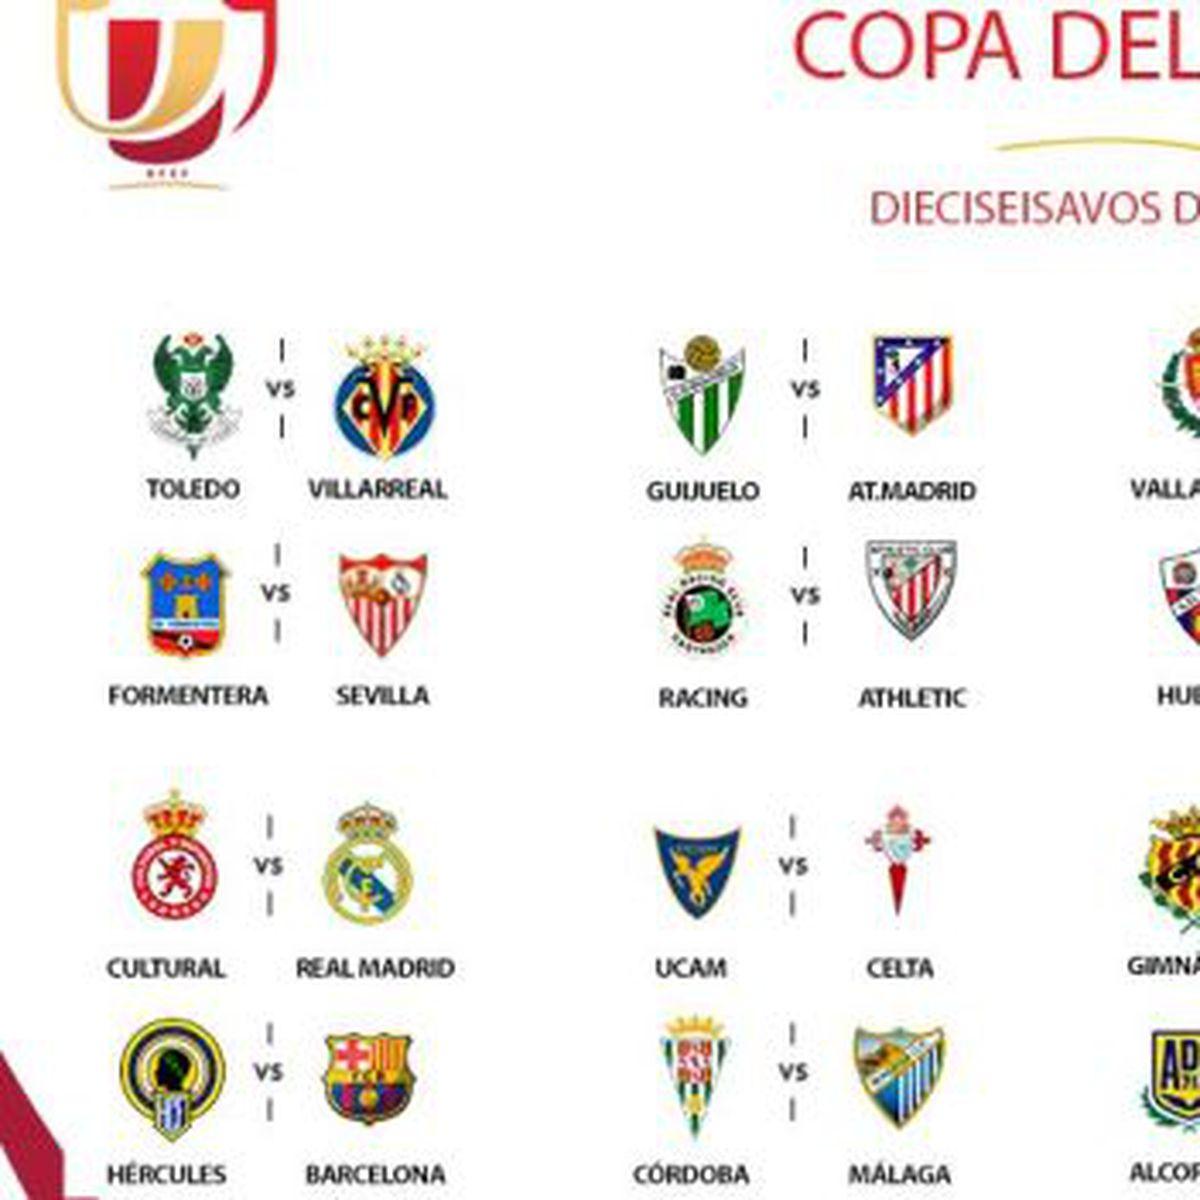 Copa Del Rey 2016 2017 Barcelona Y Real Madrid Ante Equipos De Tercera España Depor